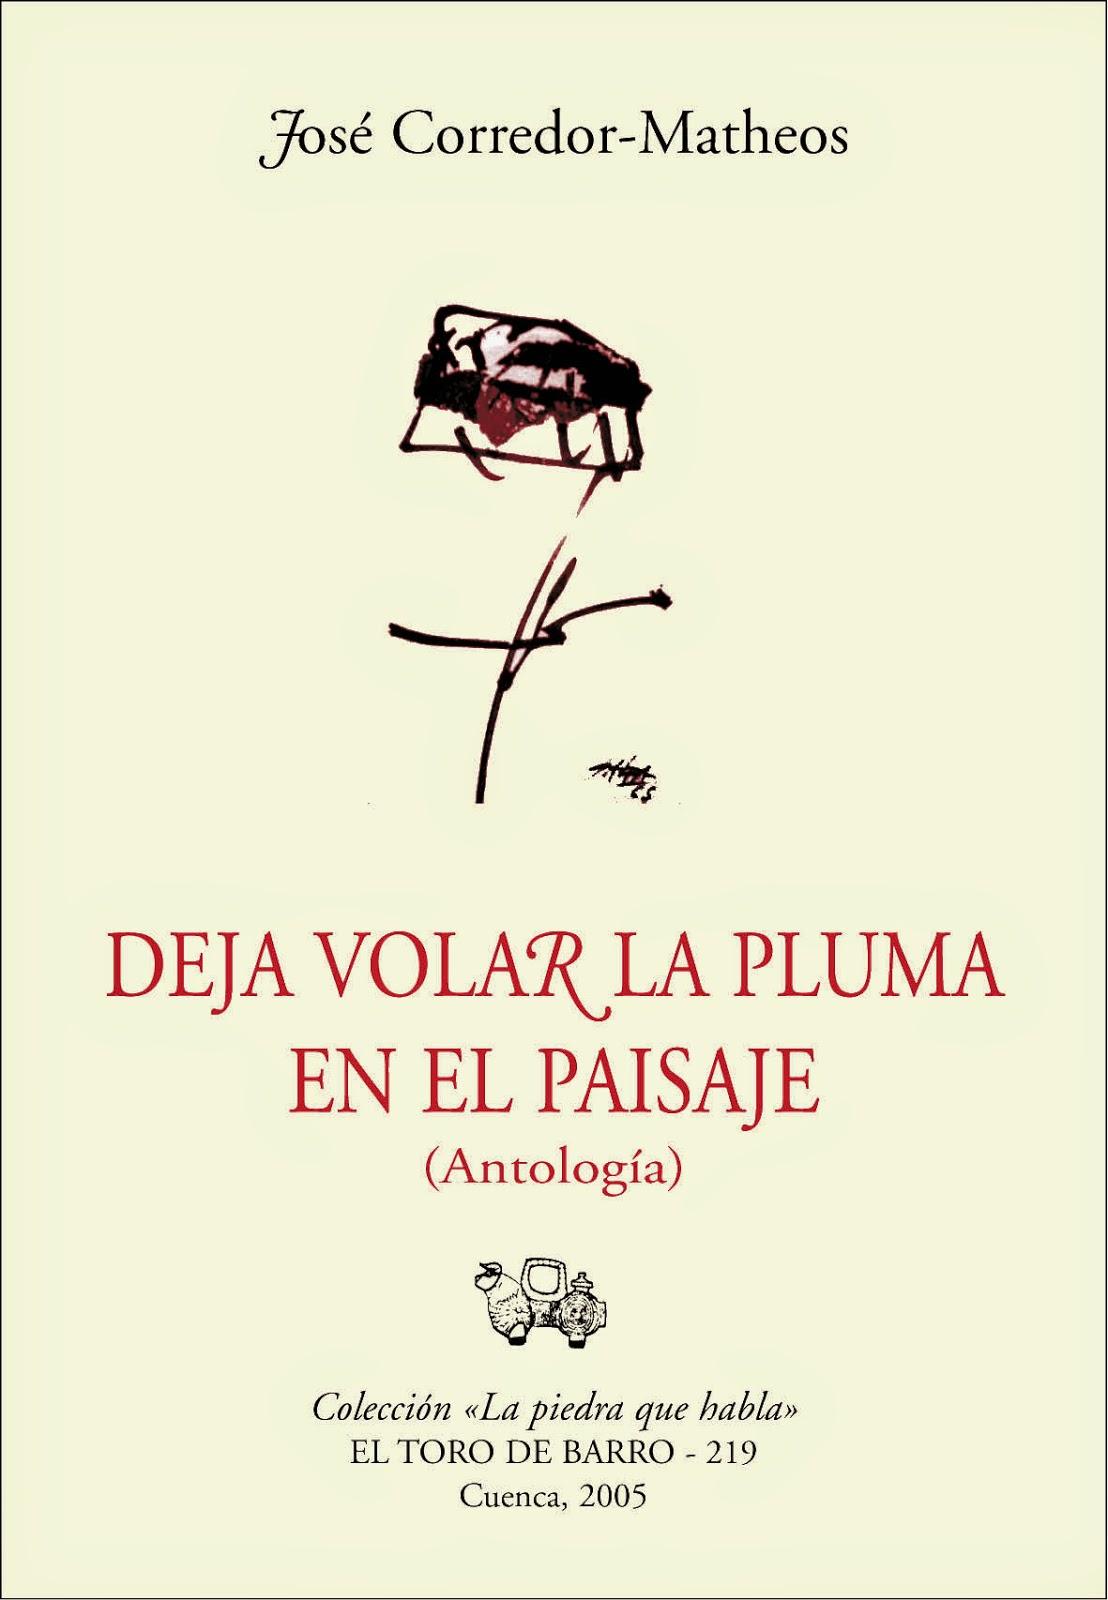 """José Corredor-Matheos, """"Deja volar la pluma en el paisaje. (Antología)"""", Col. La Piedra que Habla, Ed. El toro de barro, Tarancón de Cuenca 2005"""